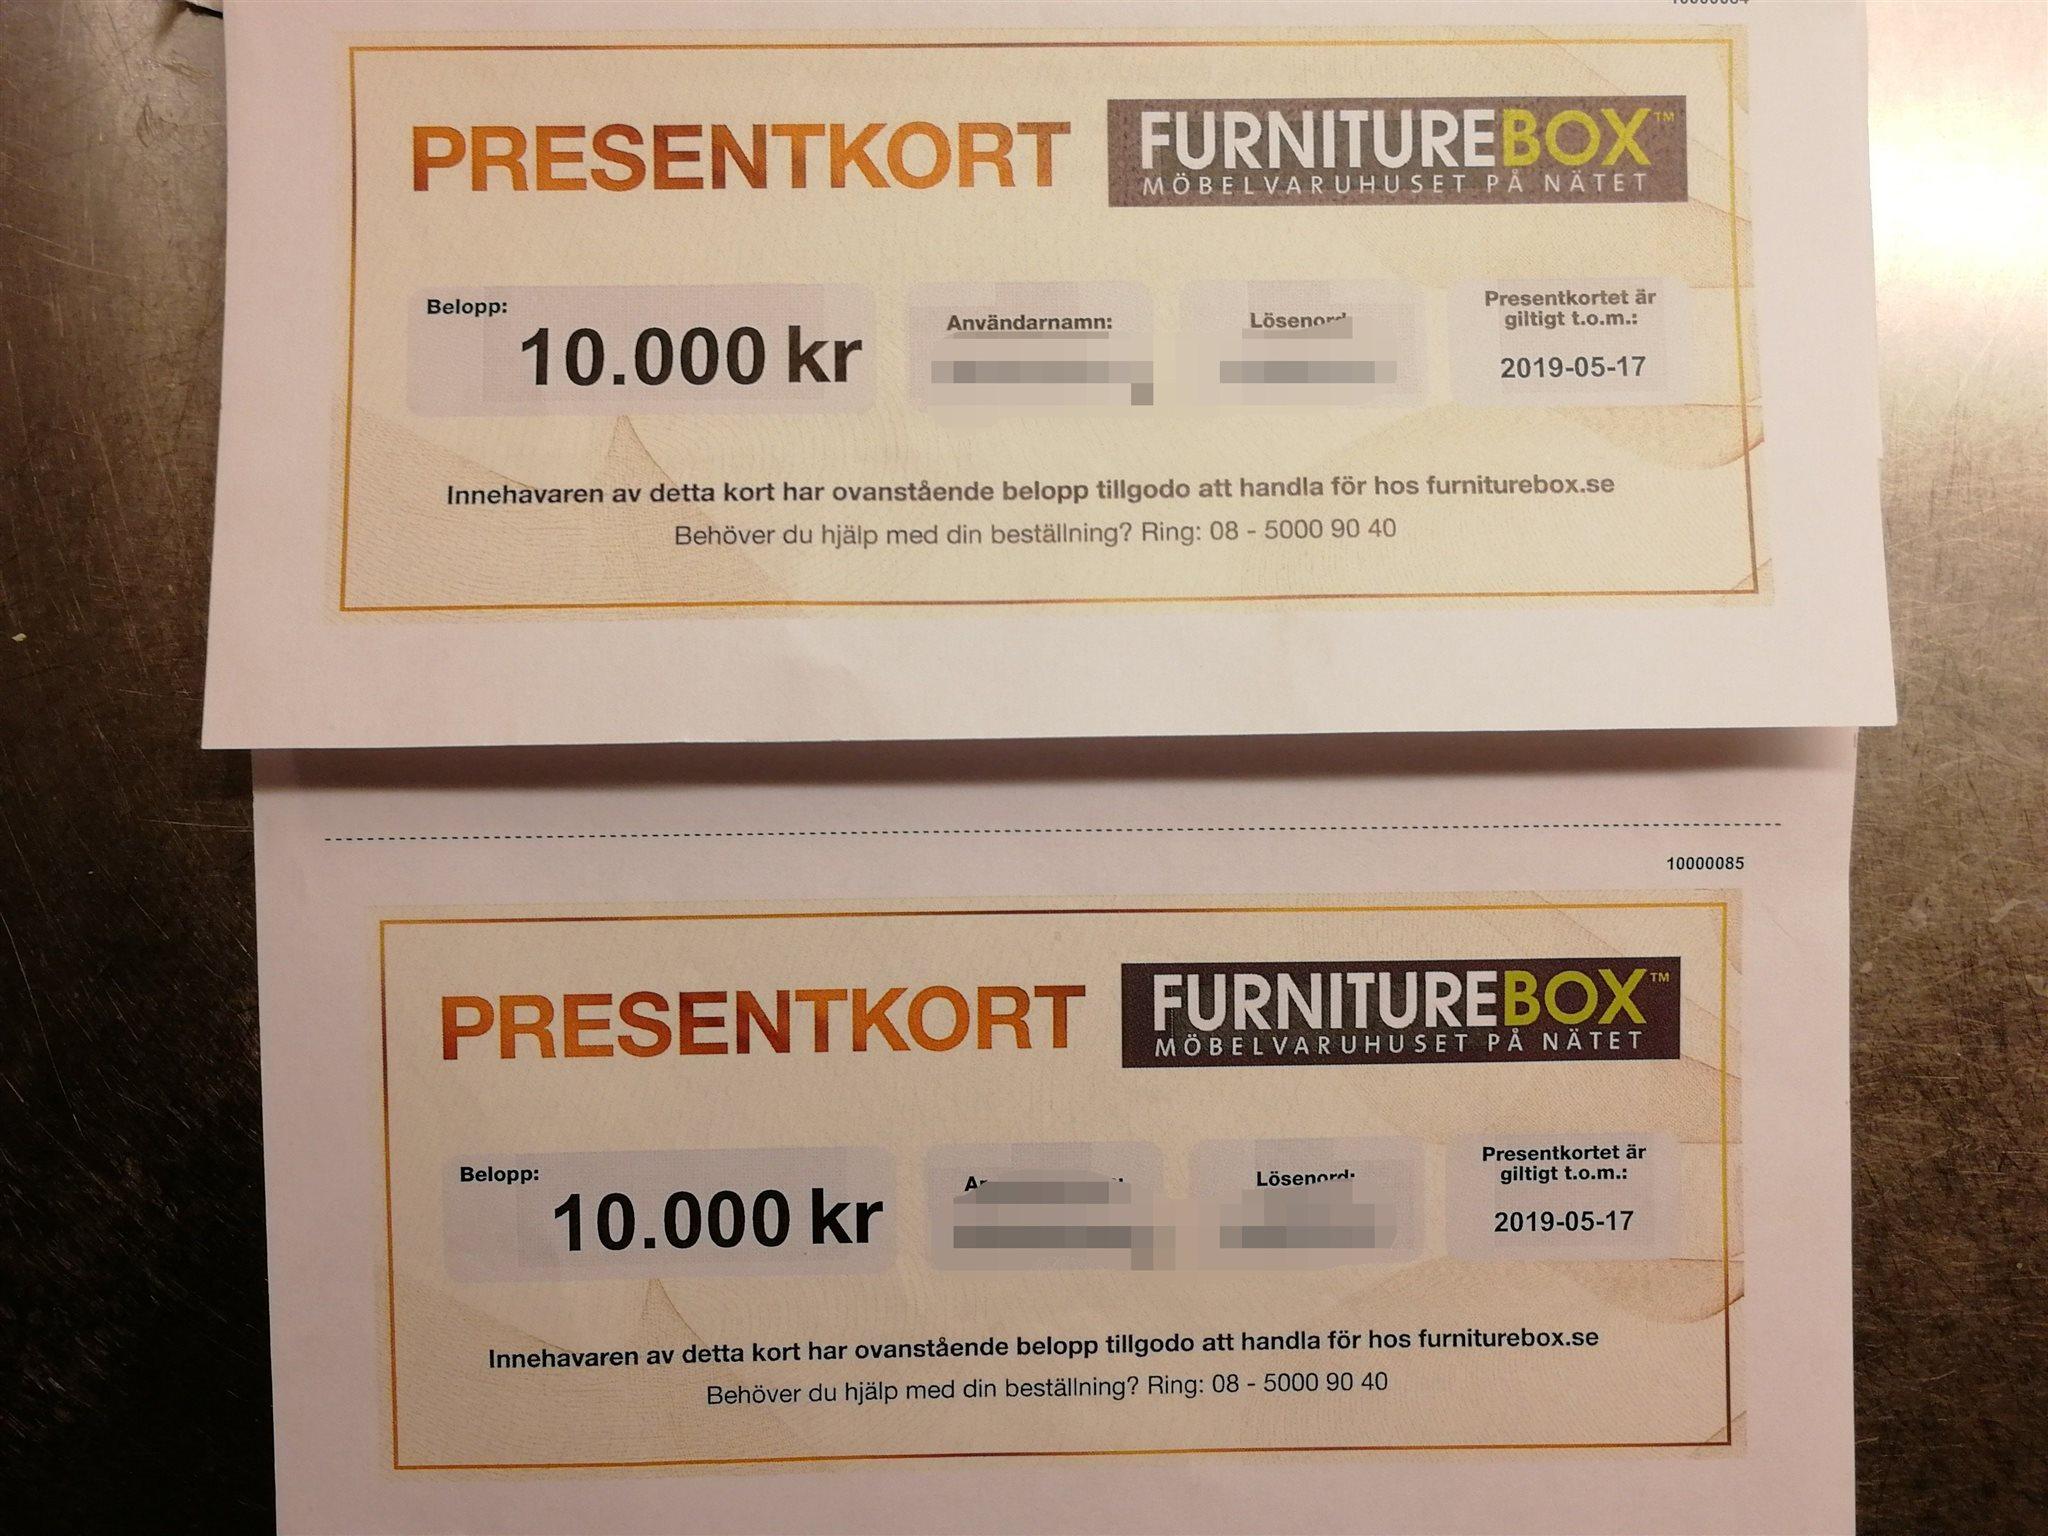 Presentkort på furniturebox (20 000 -) (335773711) ᐈ Köp på Tradera 53817b314a756